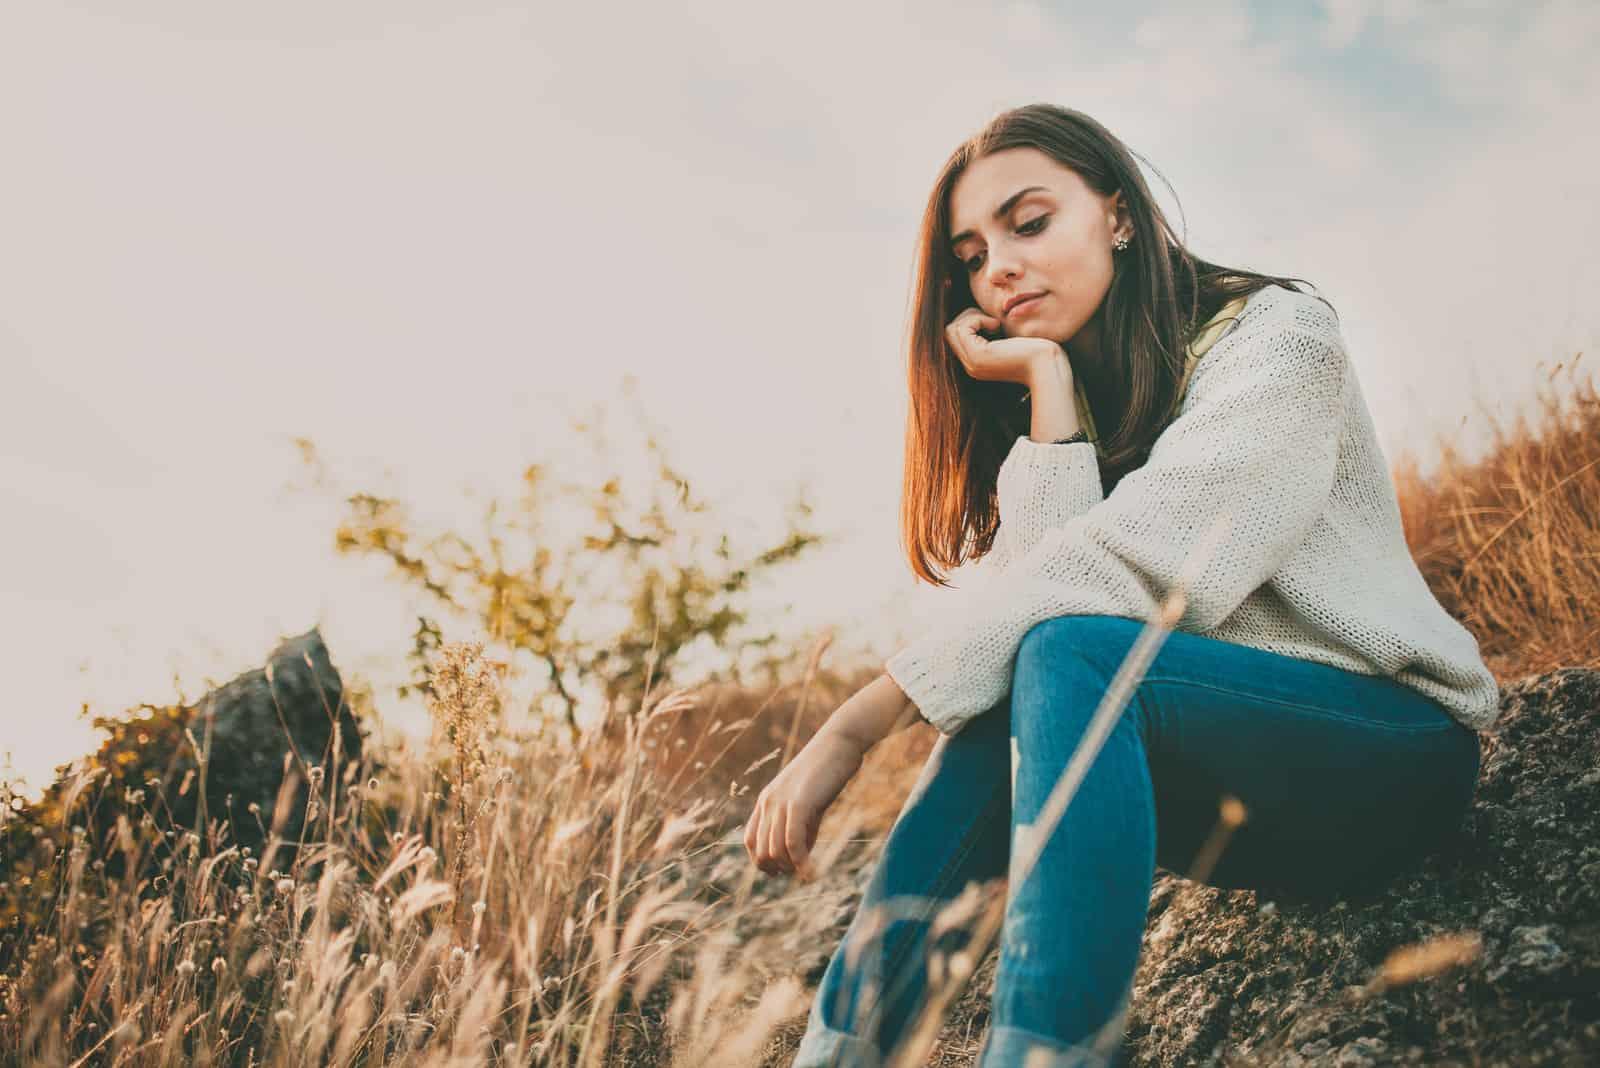 la femme est assise pensivement sur l'herbe